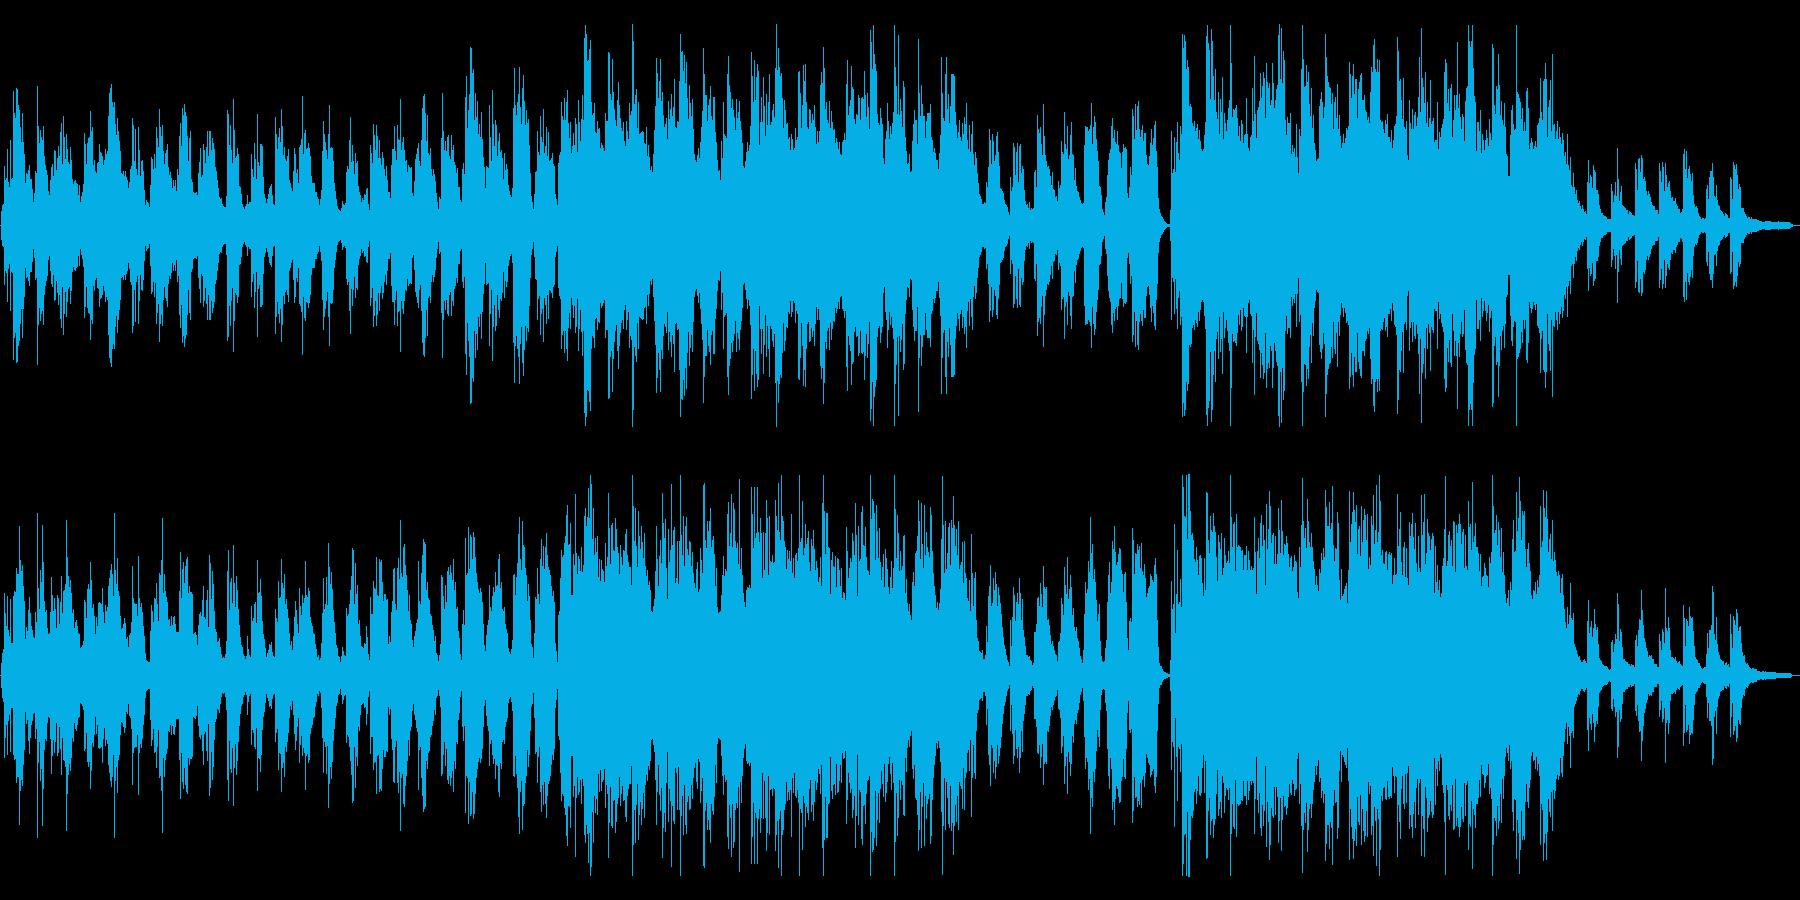 和楽器!琴と篠笛の壮大な和風アンビエントの再生済みの波形